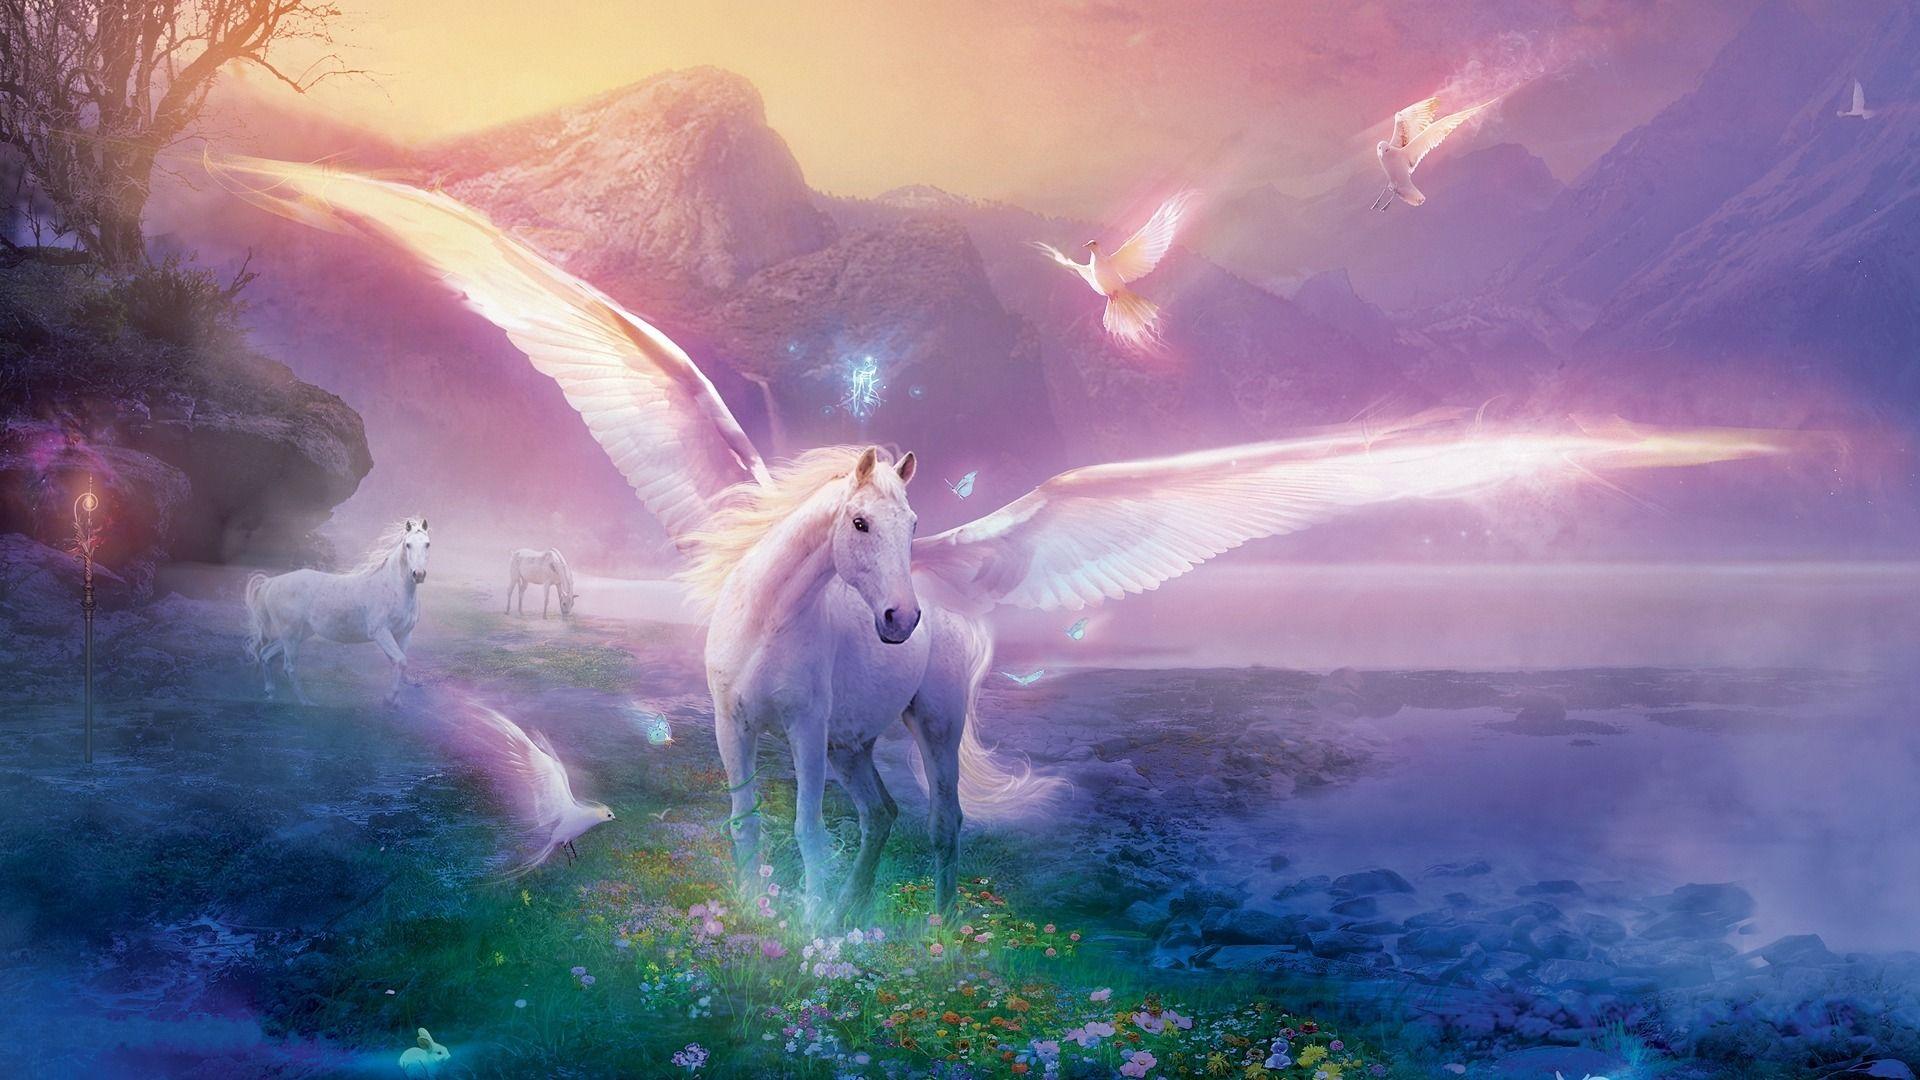 Best Wallpaper Horse Unicorn - 30397b5a79821e4abe53ecca9a3b6c75  Pic_288495.jpg